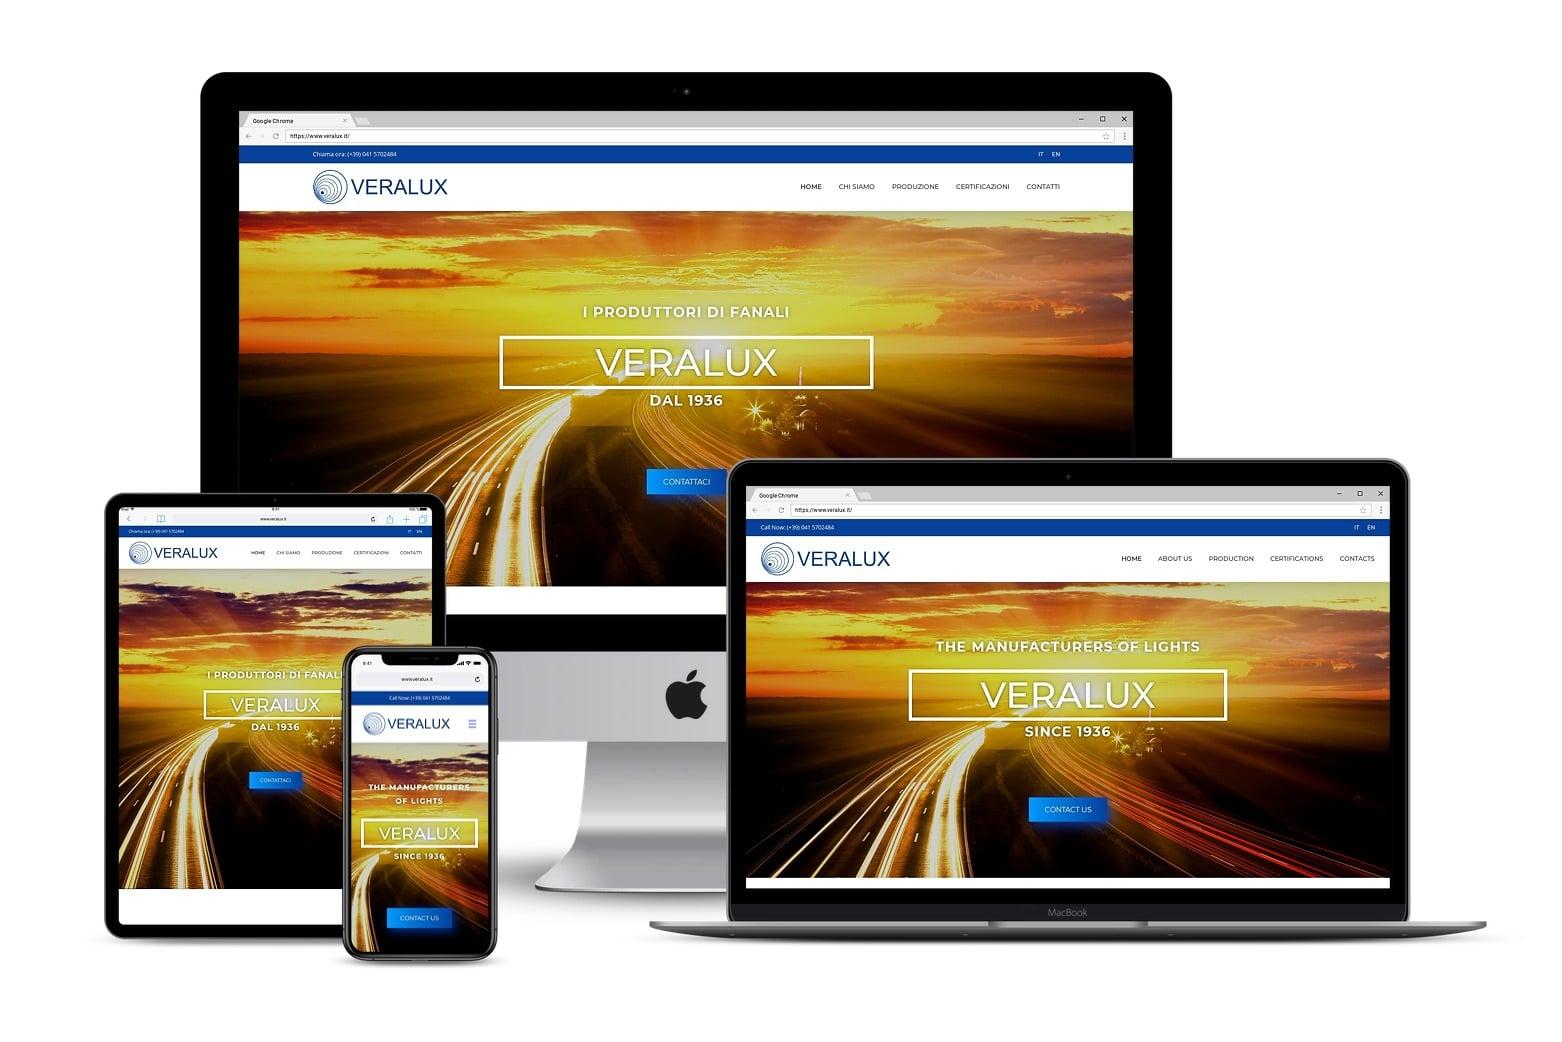 Sito Web produttori di fanaliLink: www.veralux.it